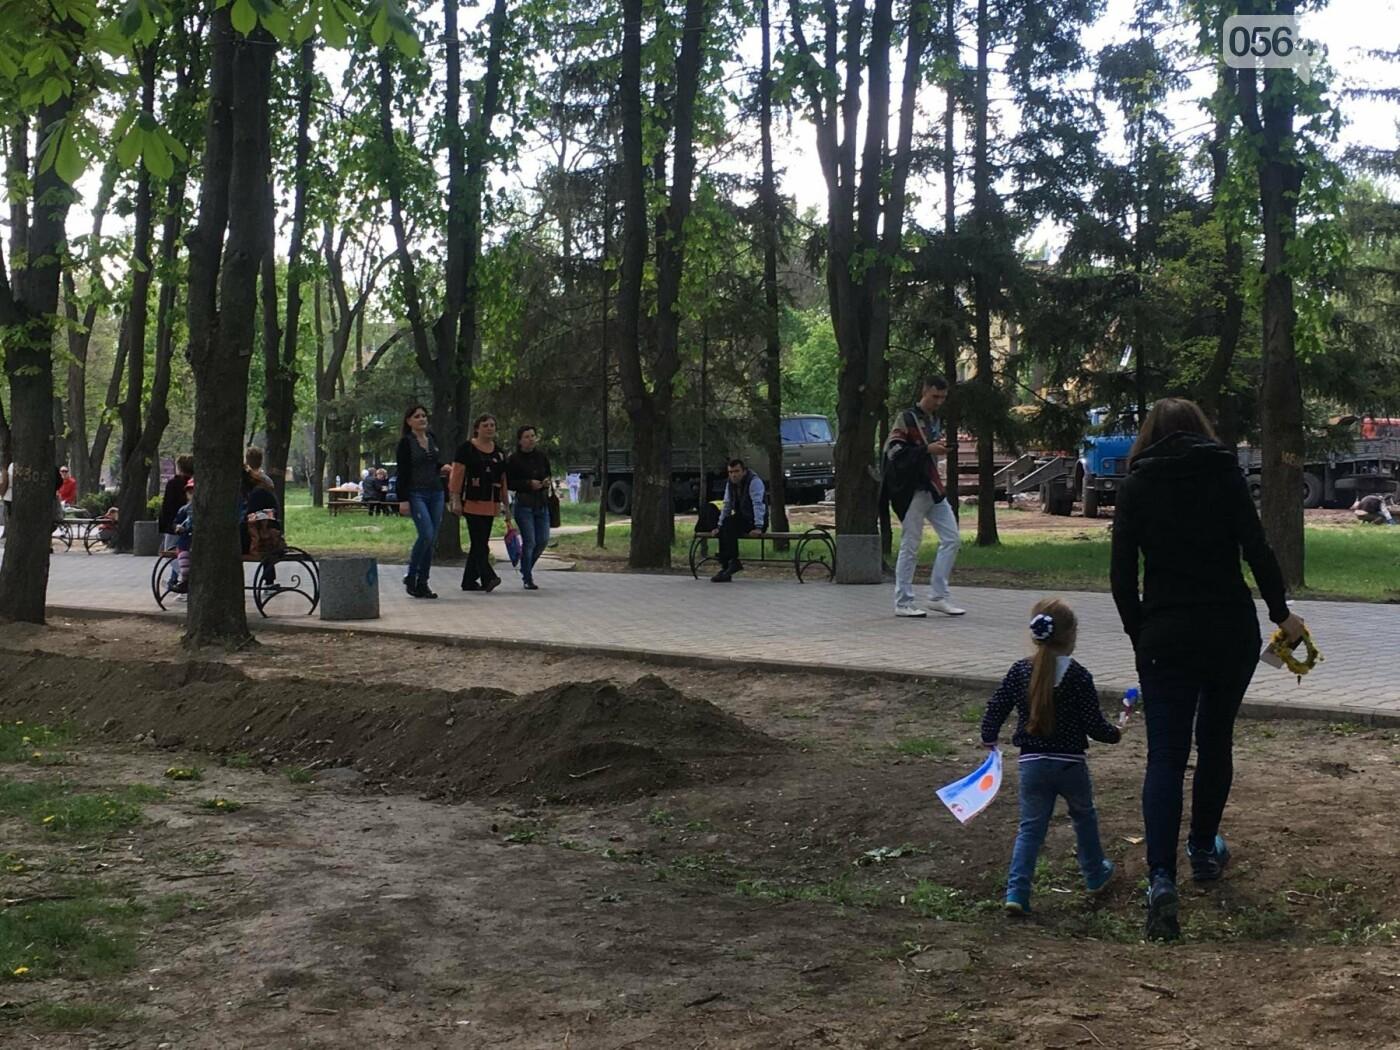 """""""В Европу без мусора!"""": криворожане помогли подготовить парк к Еврофесту (ФОТО), фото-35"""